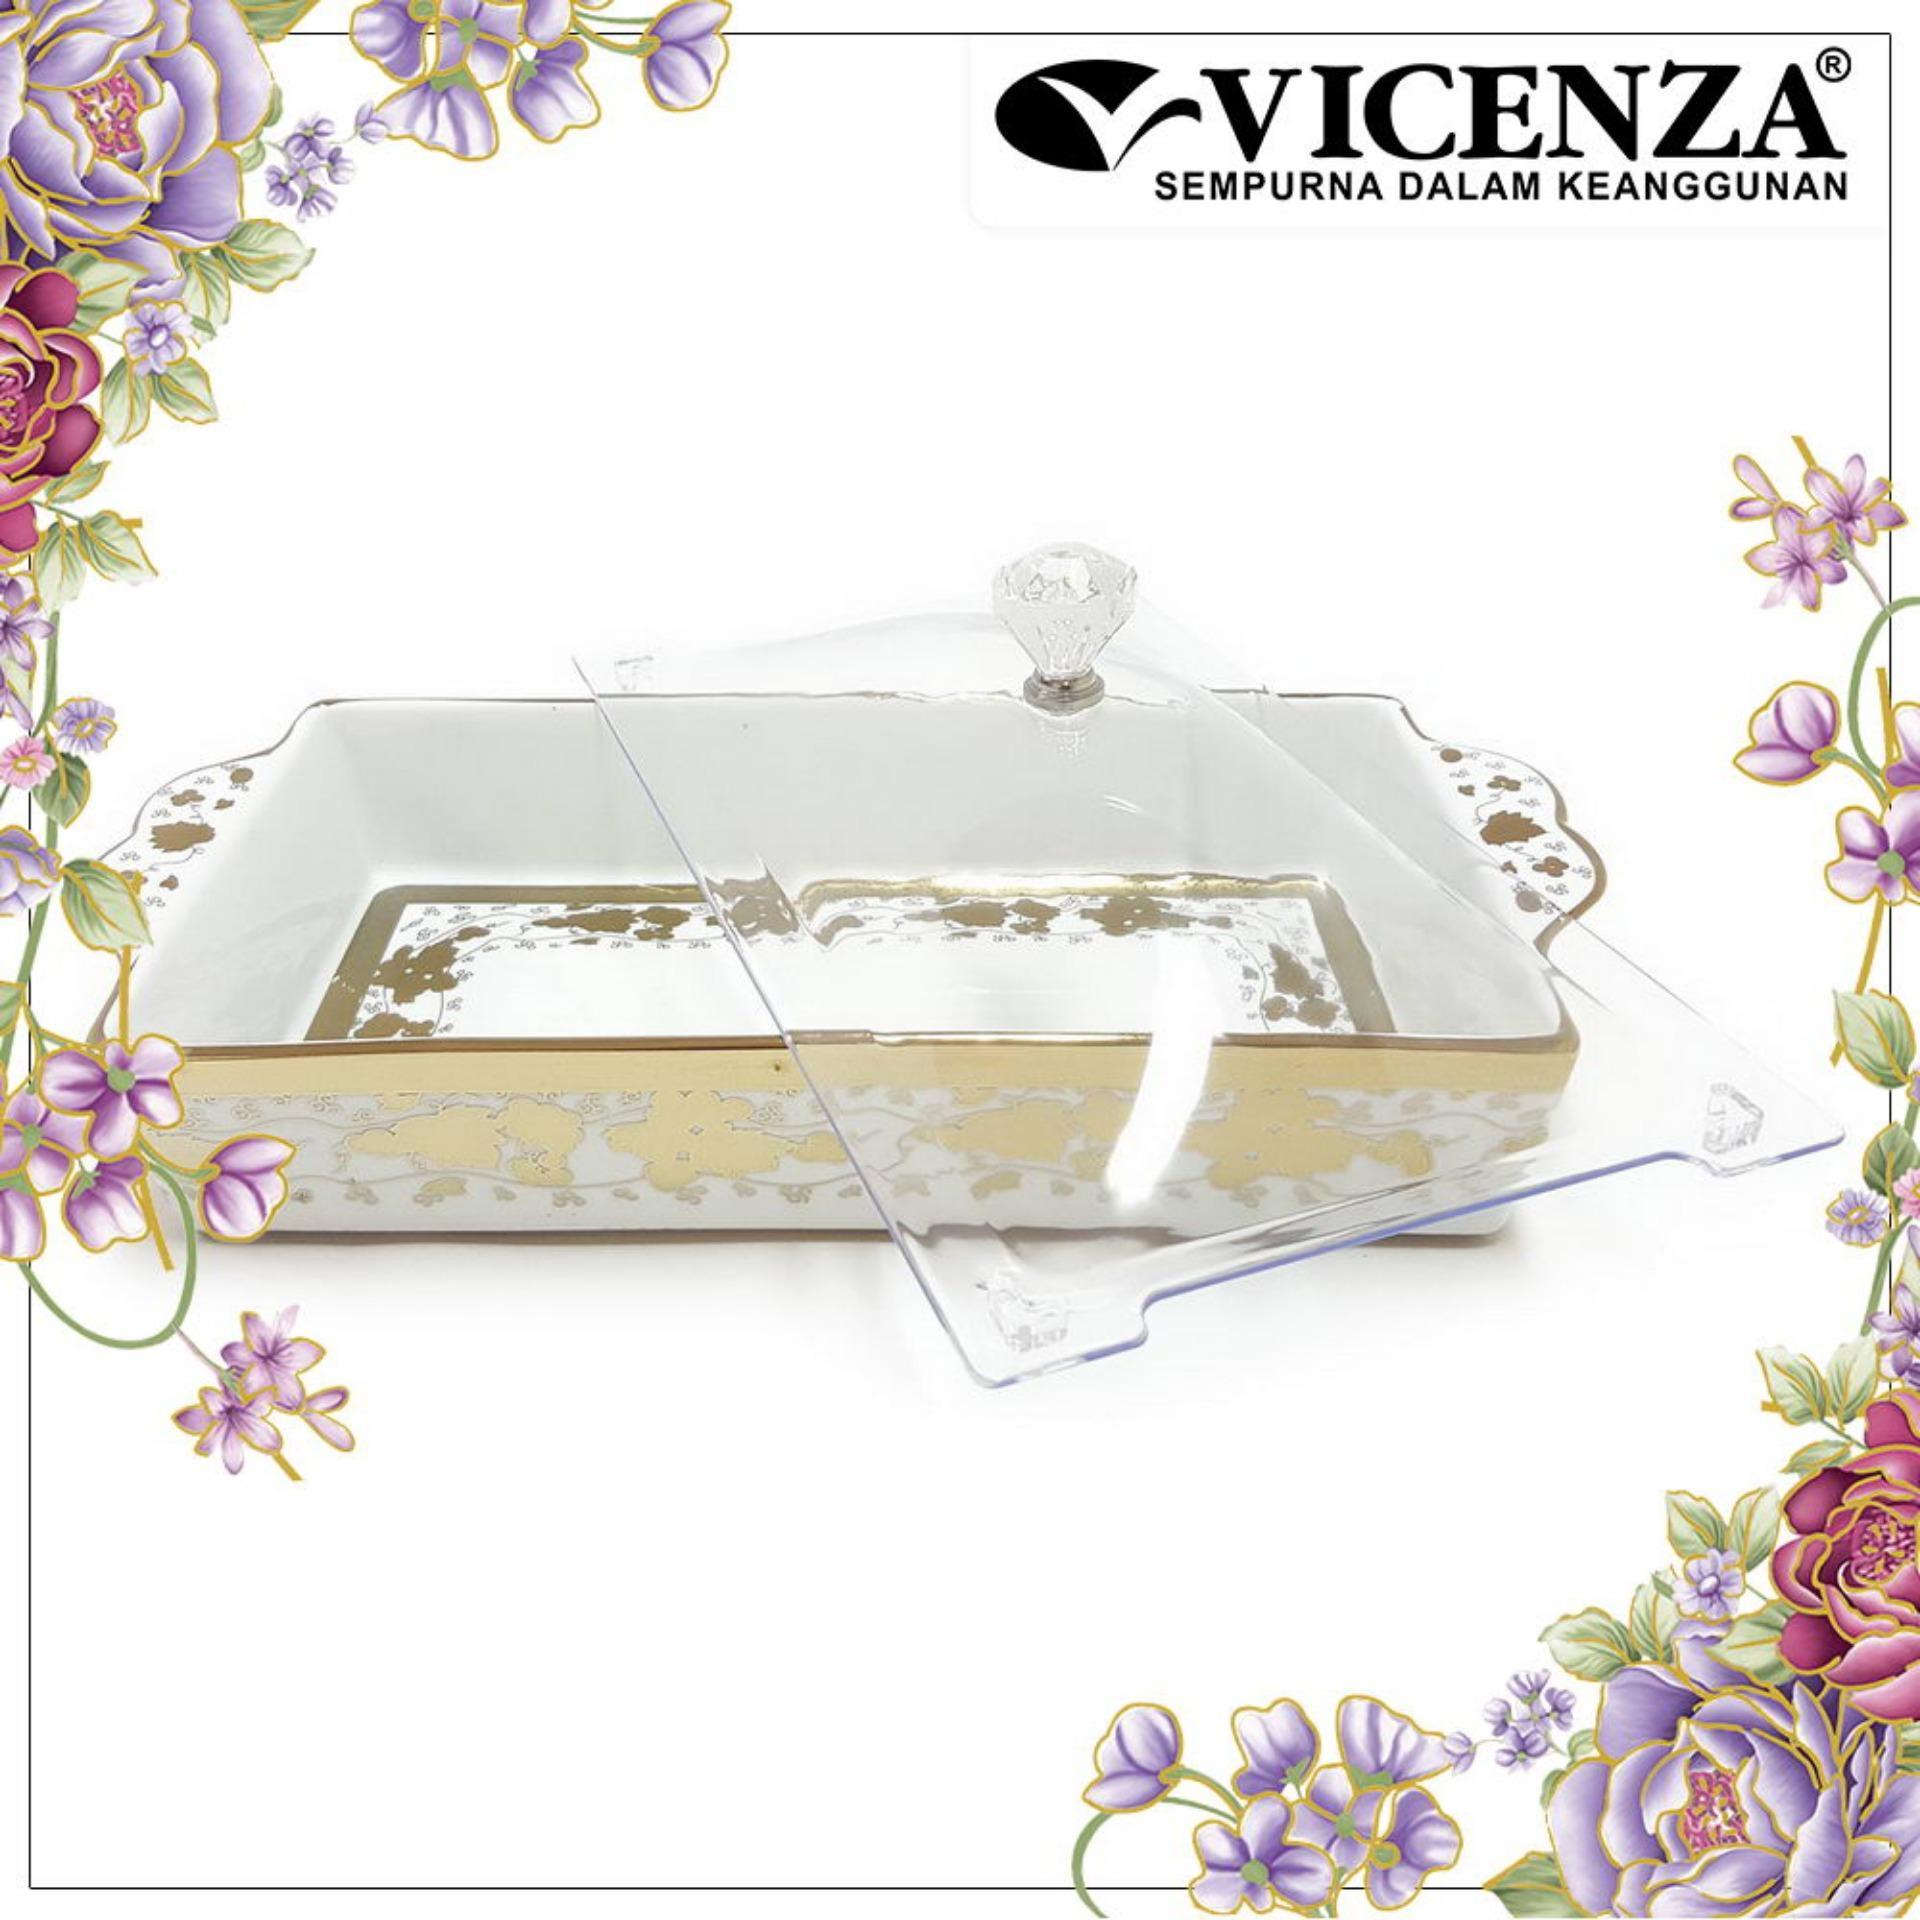 Ulasan Tentang Vicenza Tableware Crp138 Tempat Kue Persegi Square Cake Plate